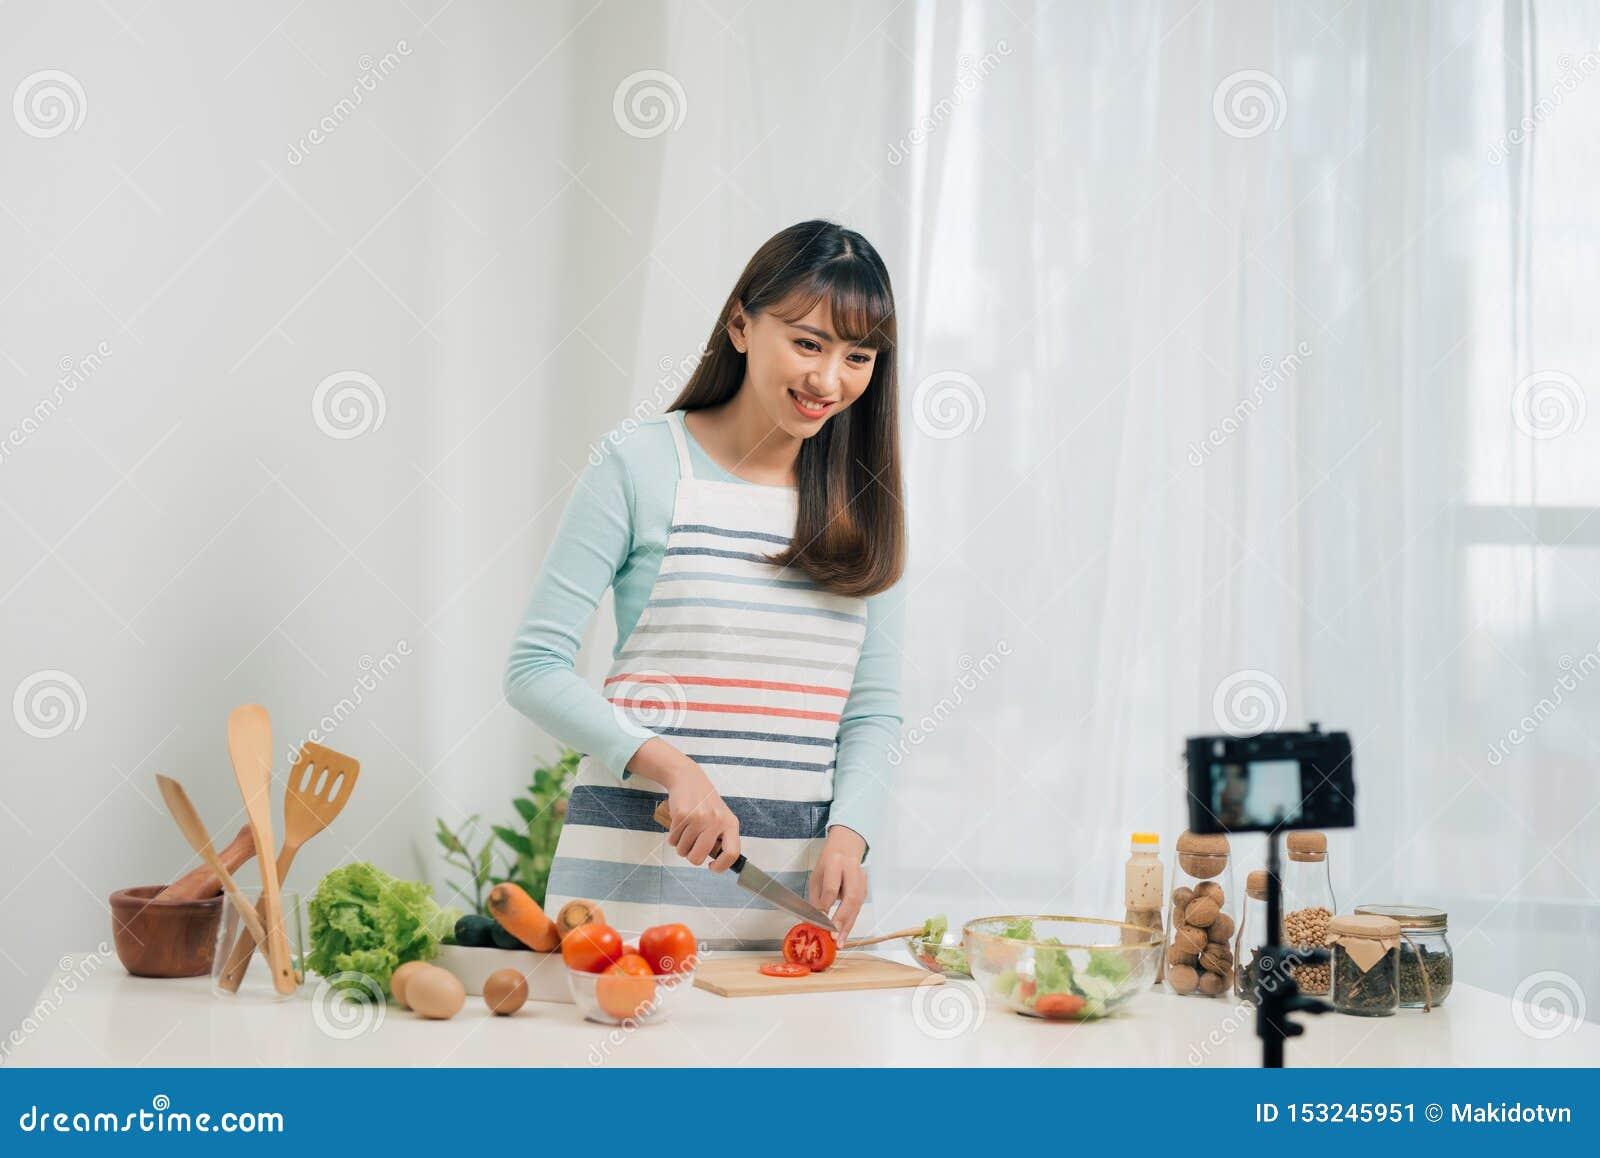 Cours De Cuisine En Ligne Nourriture Bloguant Femme Preparant Le